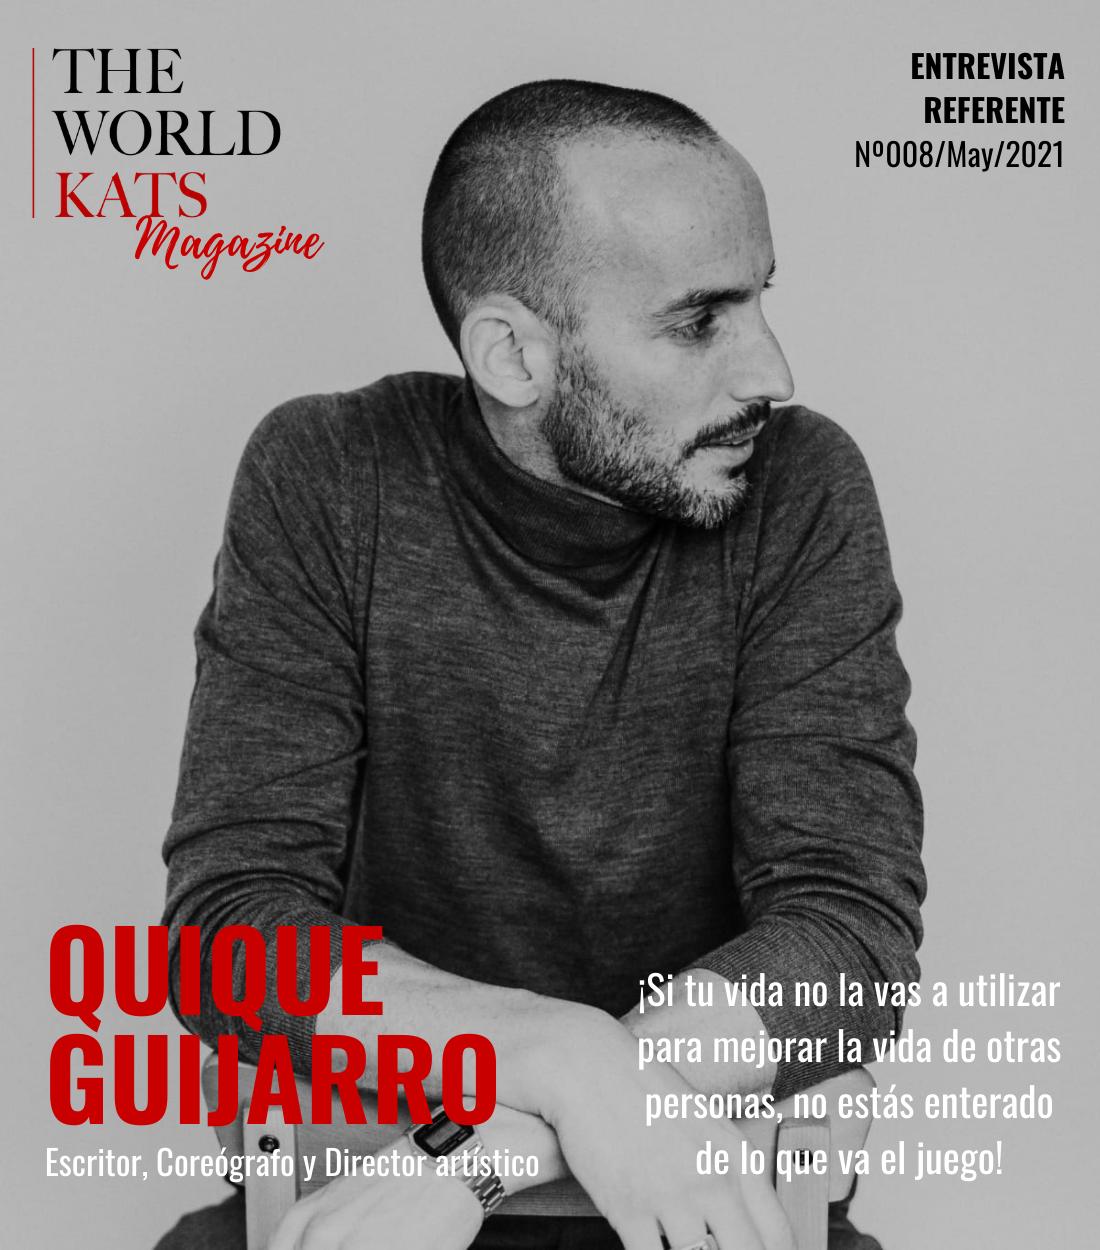 Quique Guijarro. Escritor, Coreógrafo y Director artístico